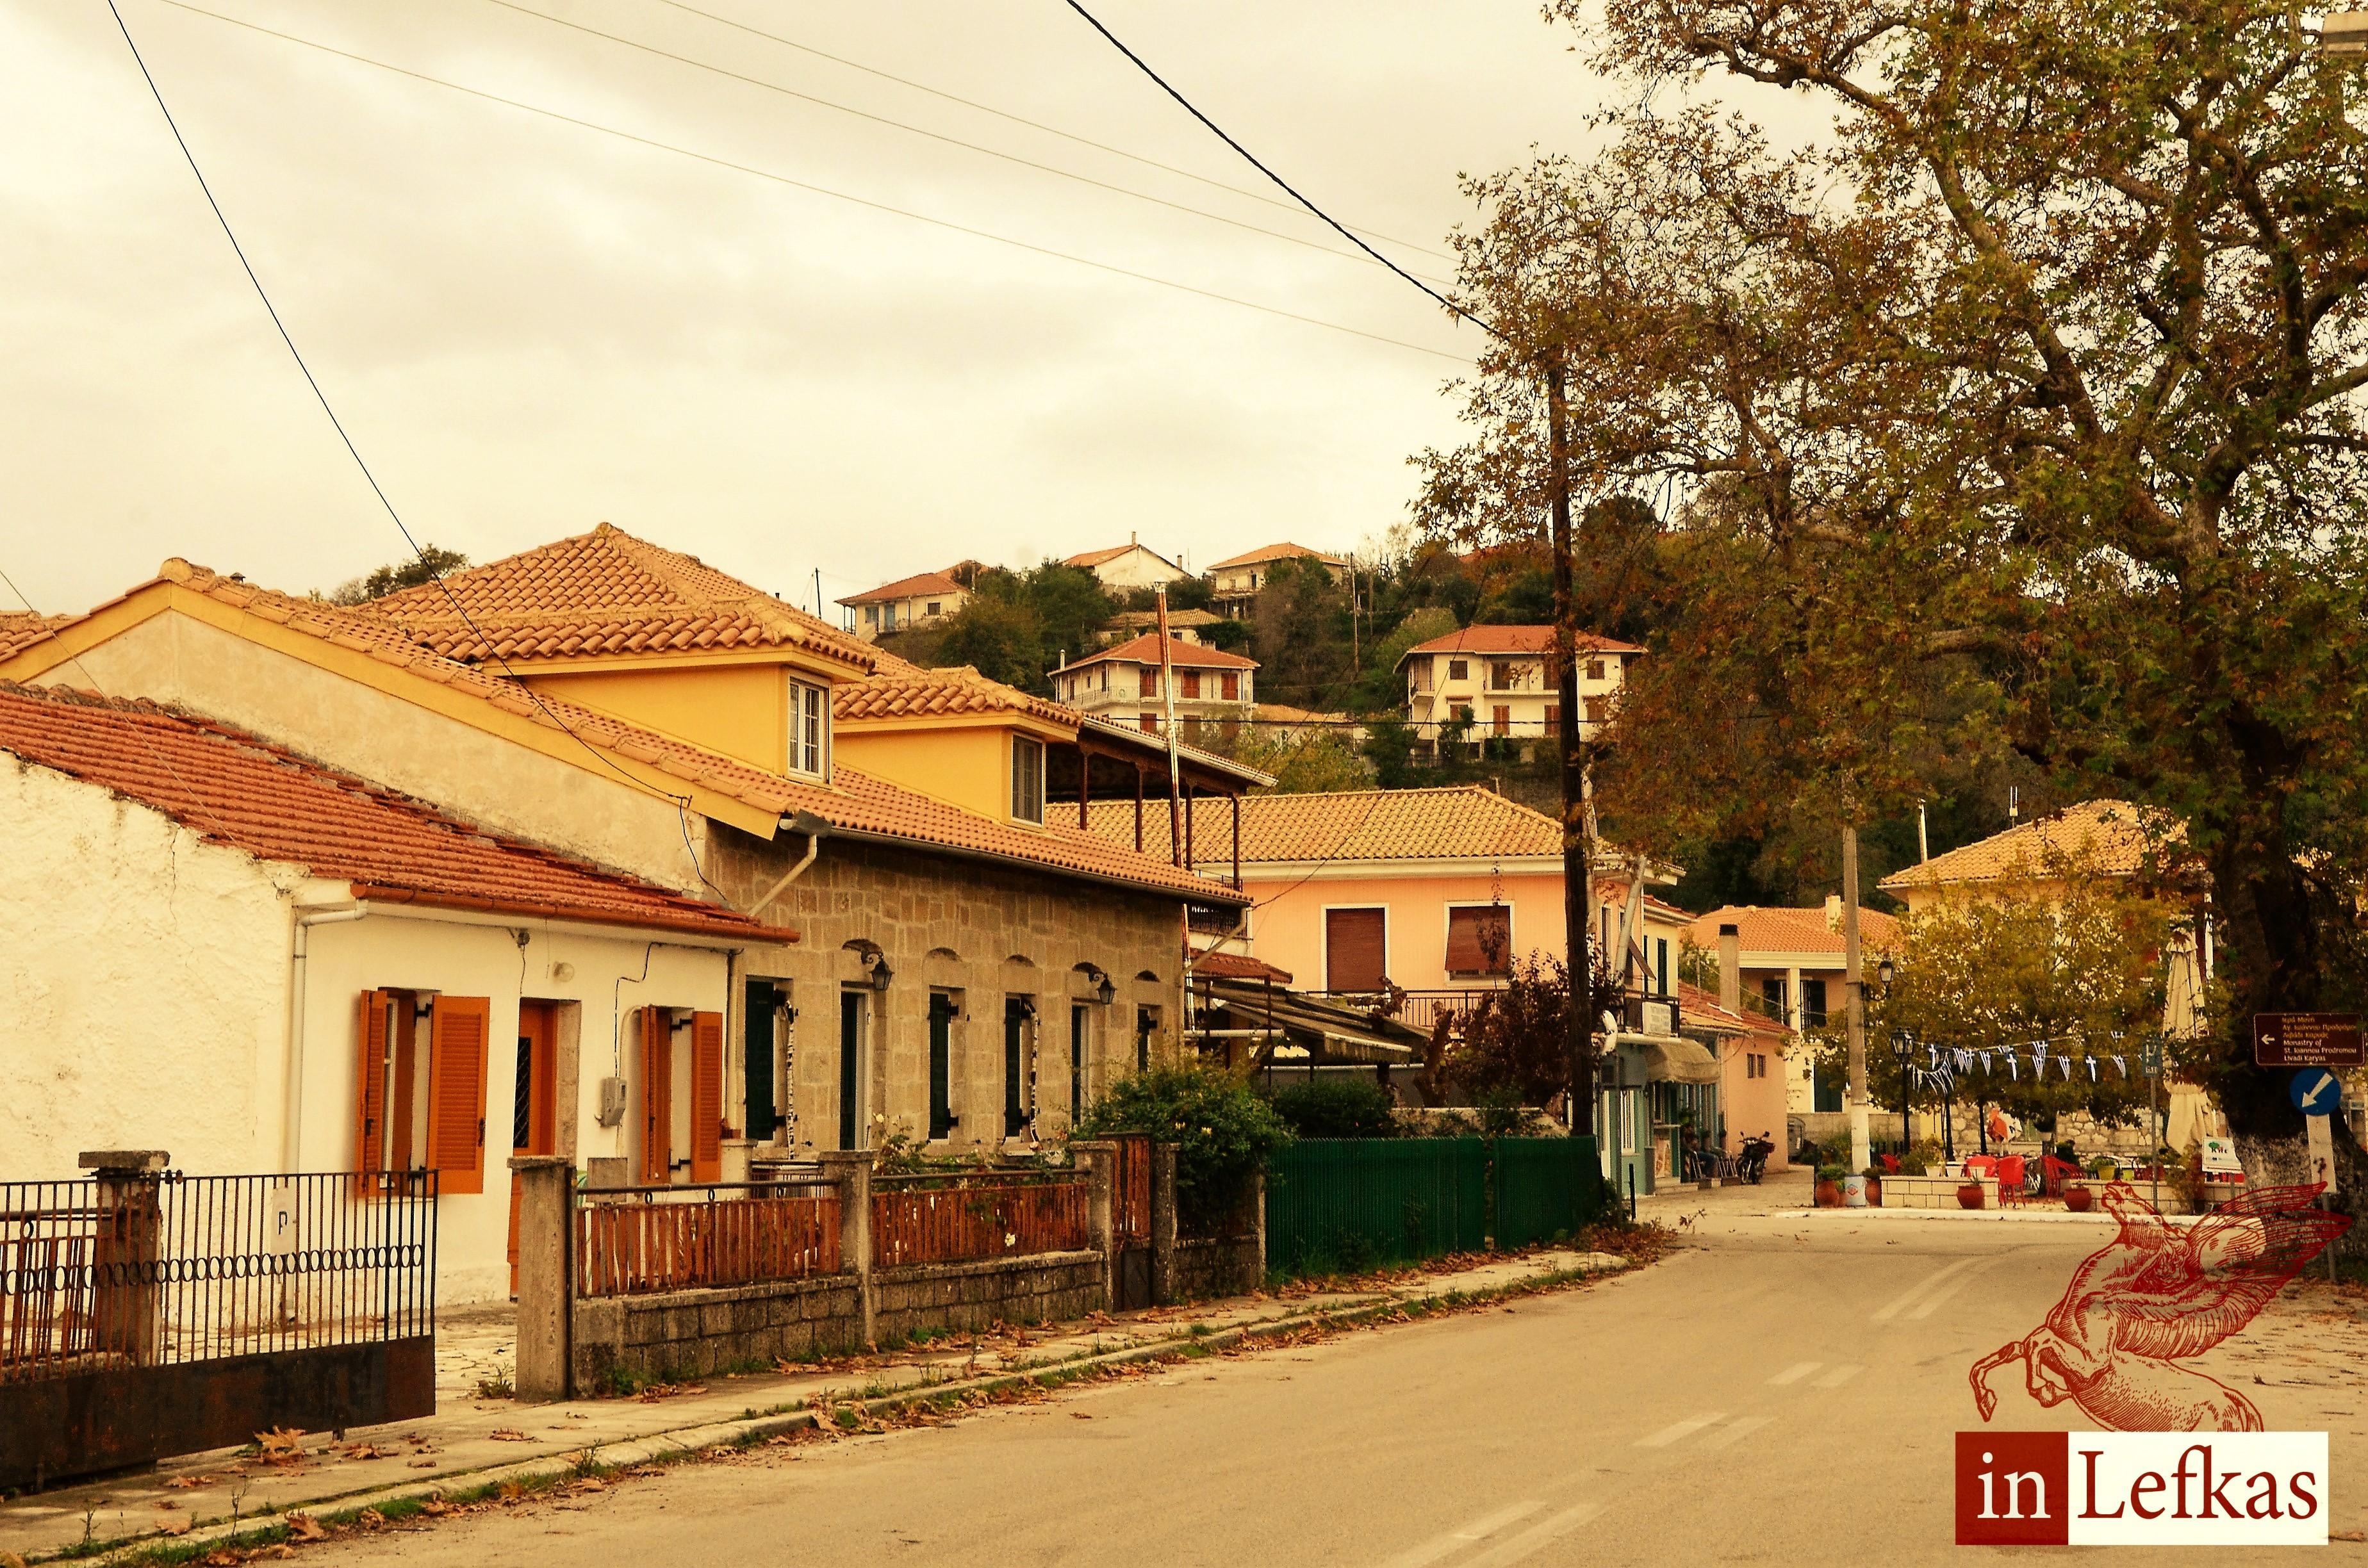 Λαζαράτα - φωτογραφία: Θανάσης Κατωπόδης